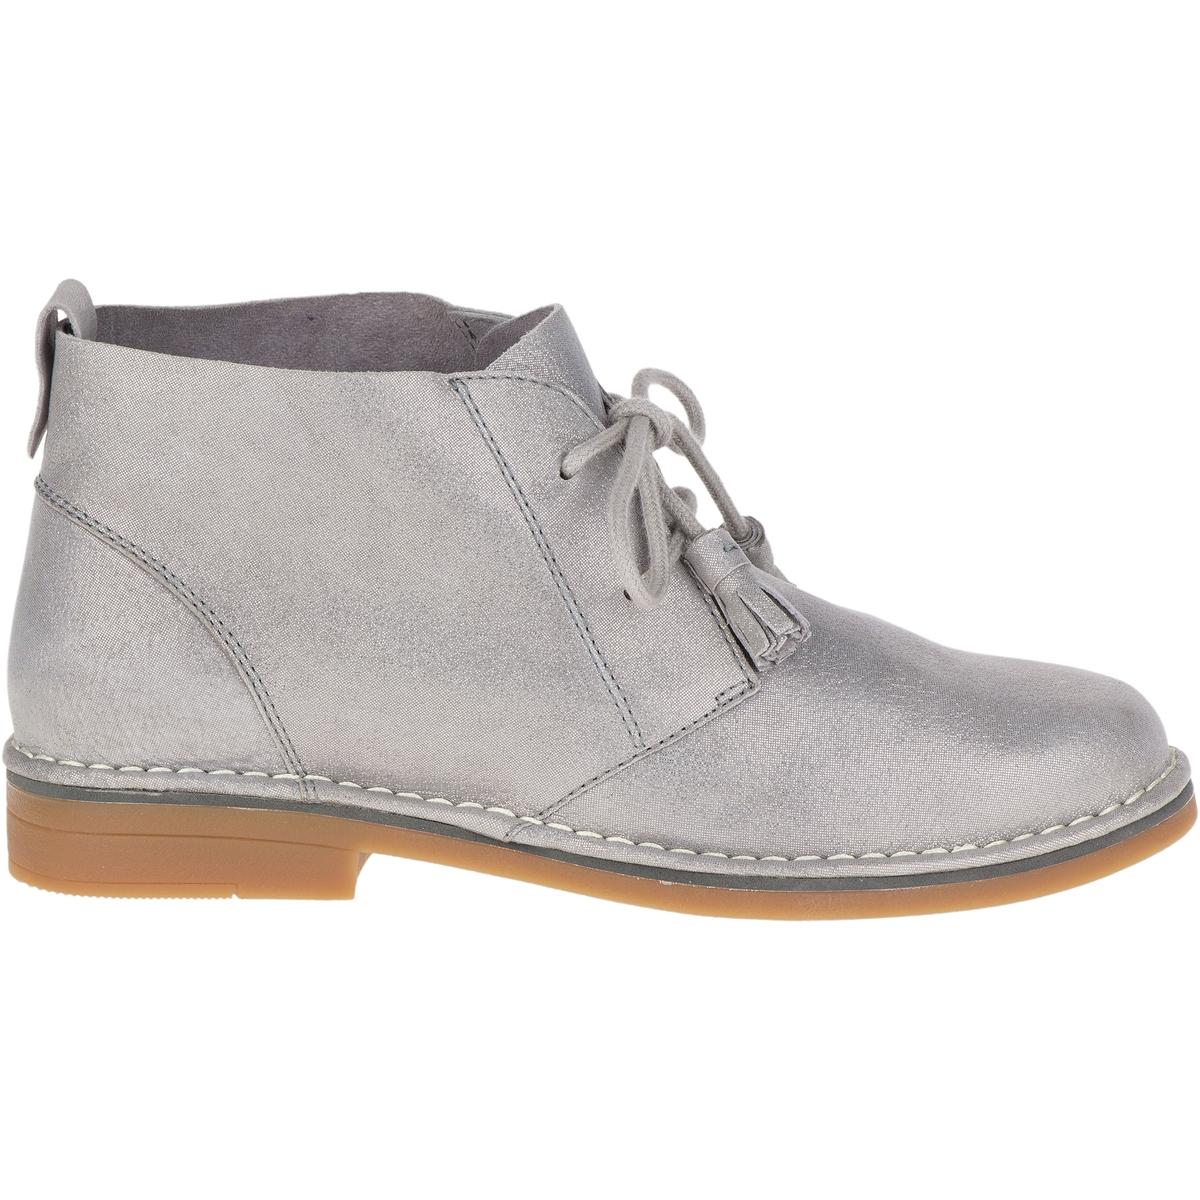 Ботинки кожаные с кисточками Cyra batman hush